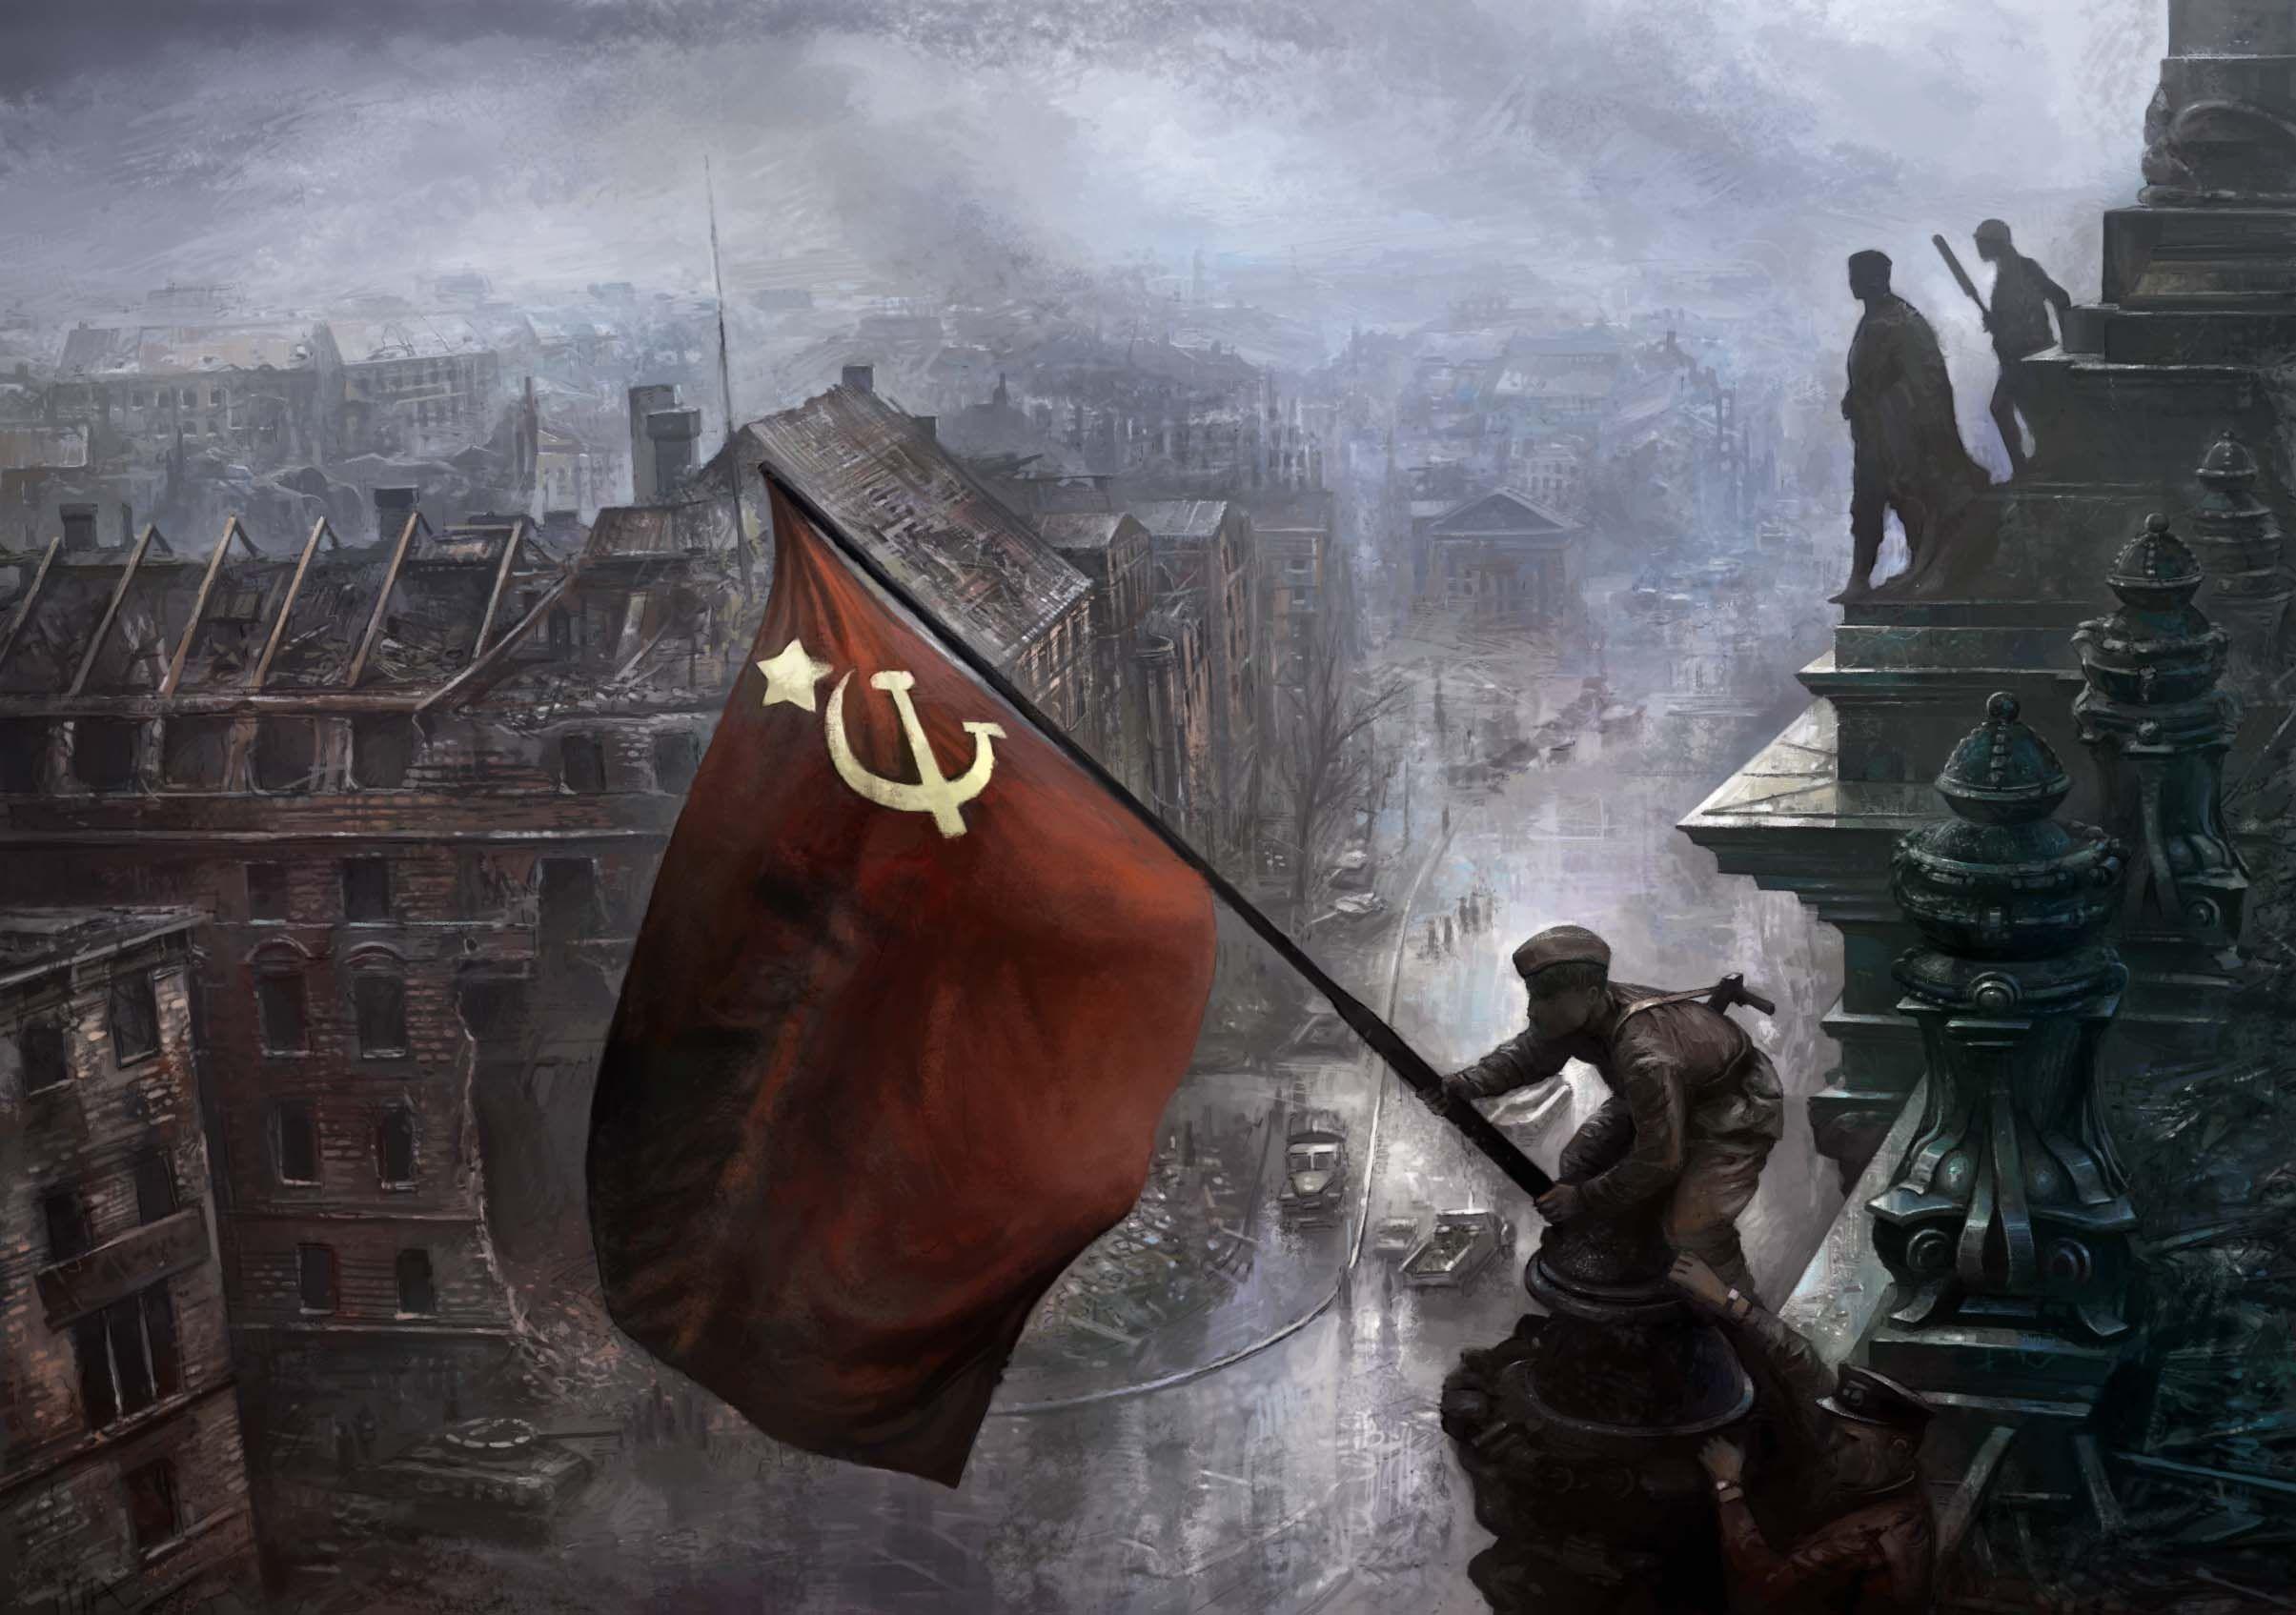 Soviets In Berlin Wallpaper